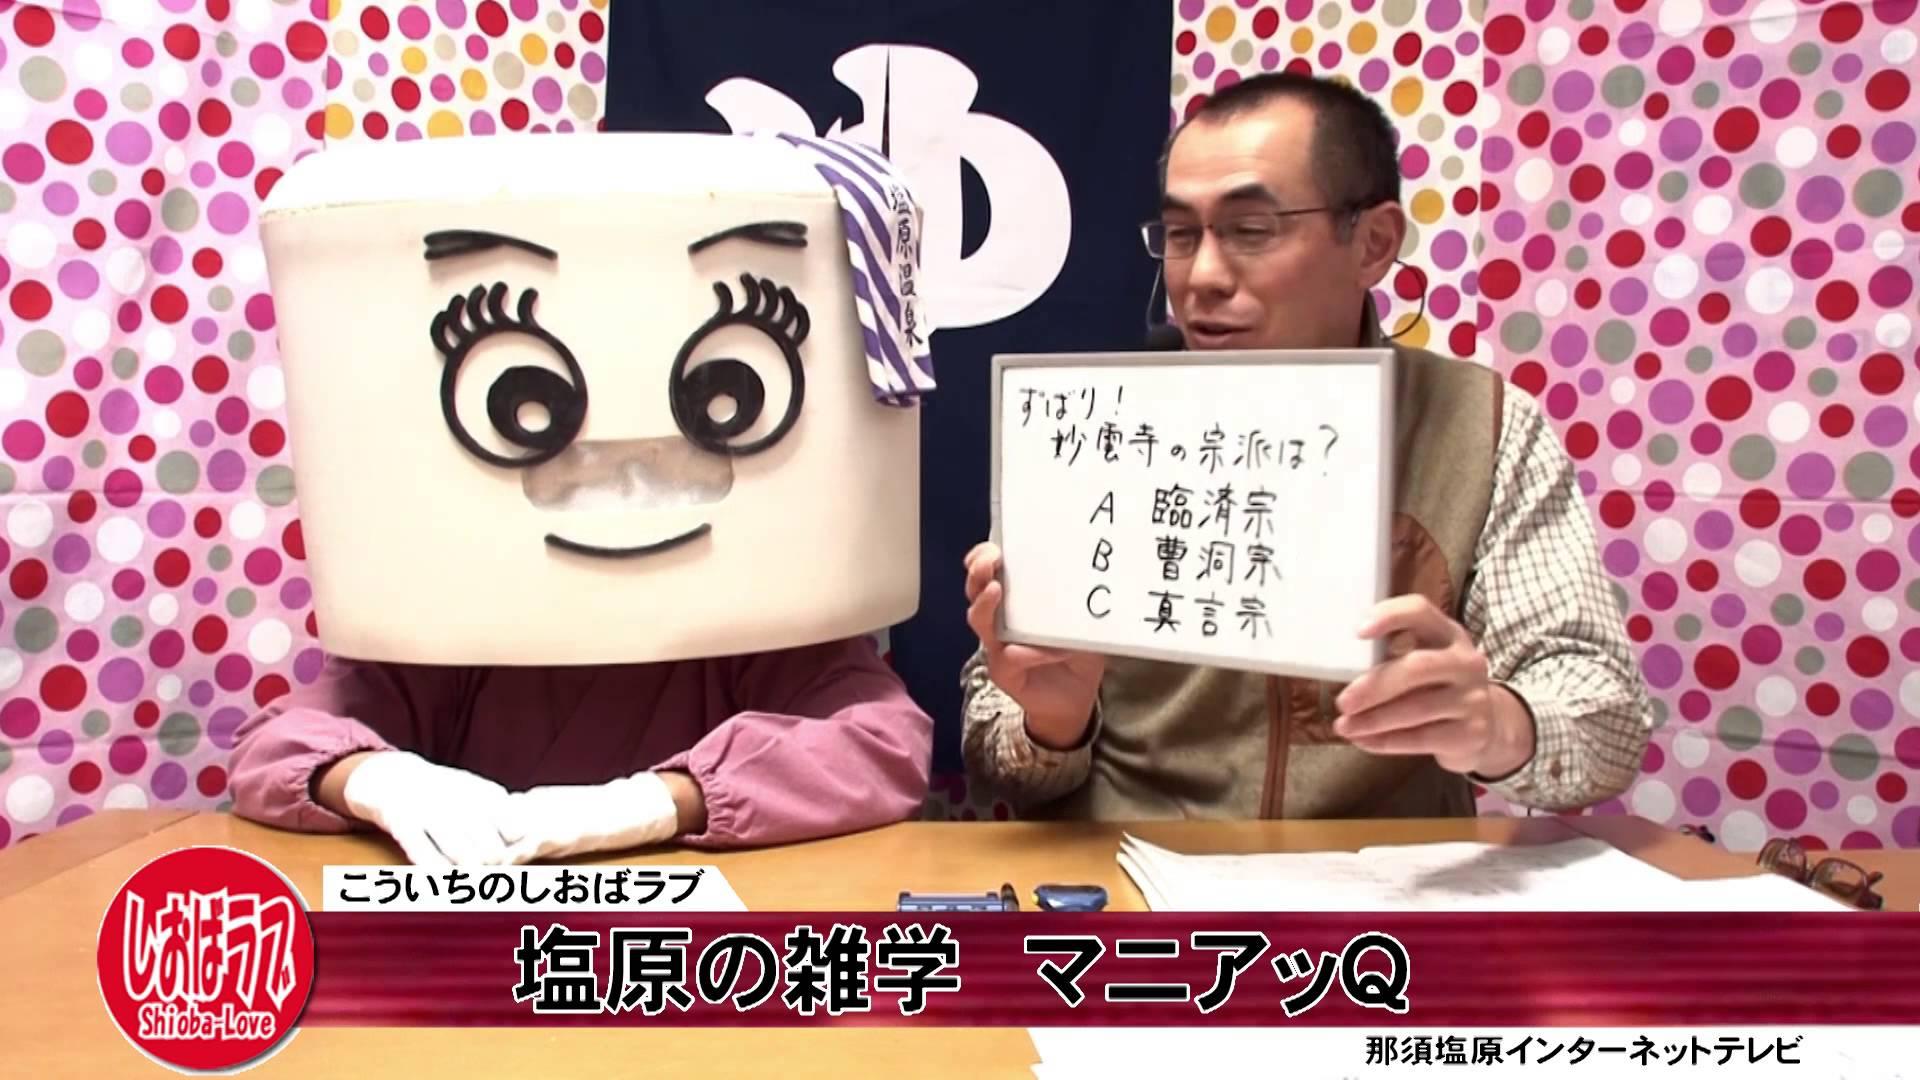 こういちのしおばラブ(塩原+LOVE)第172回